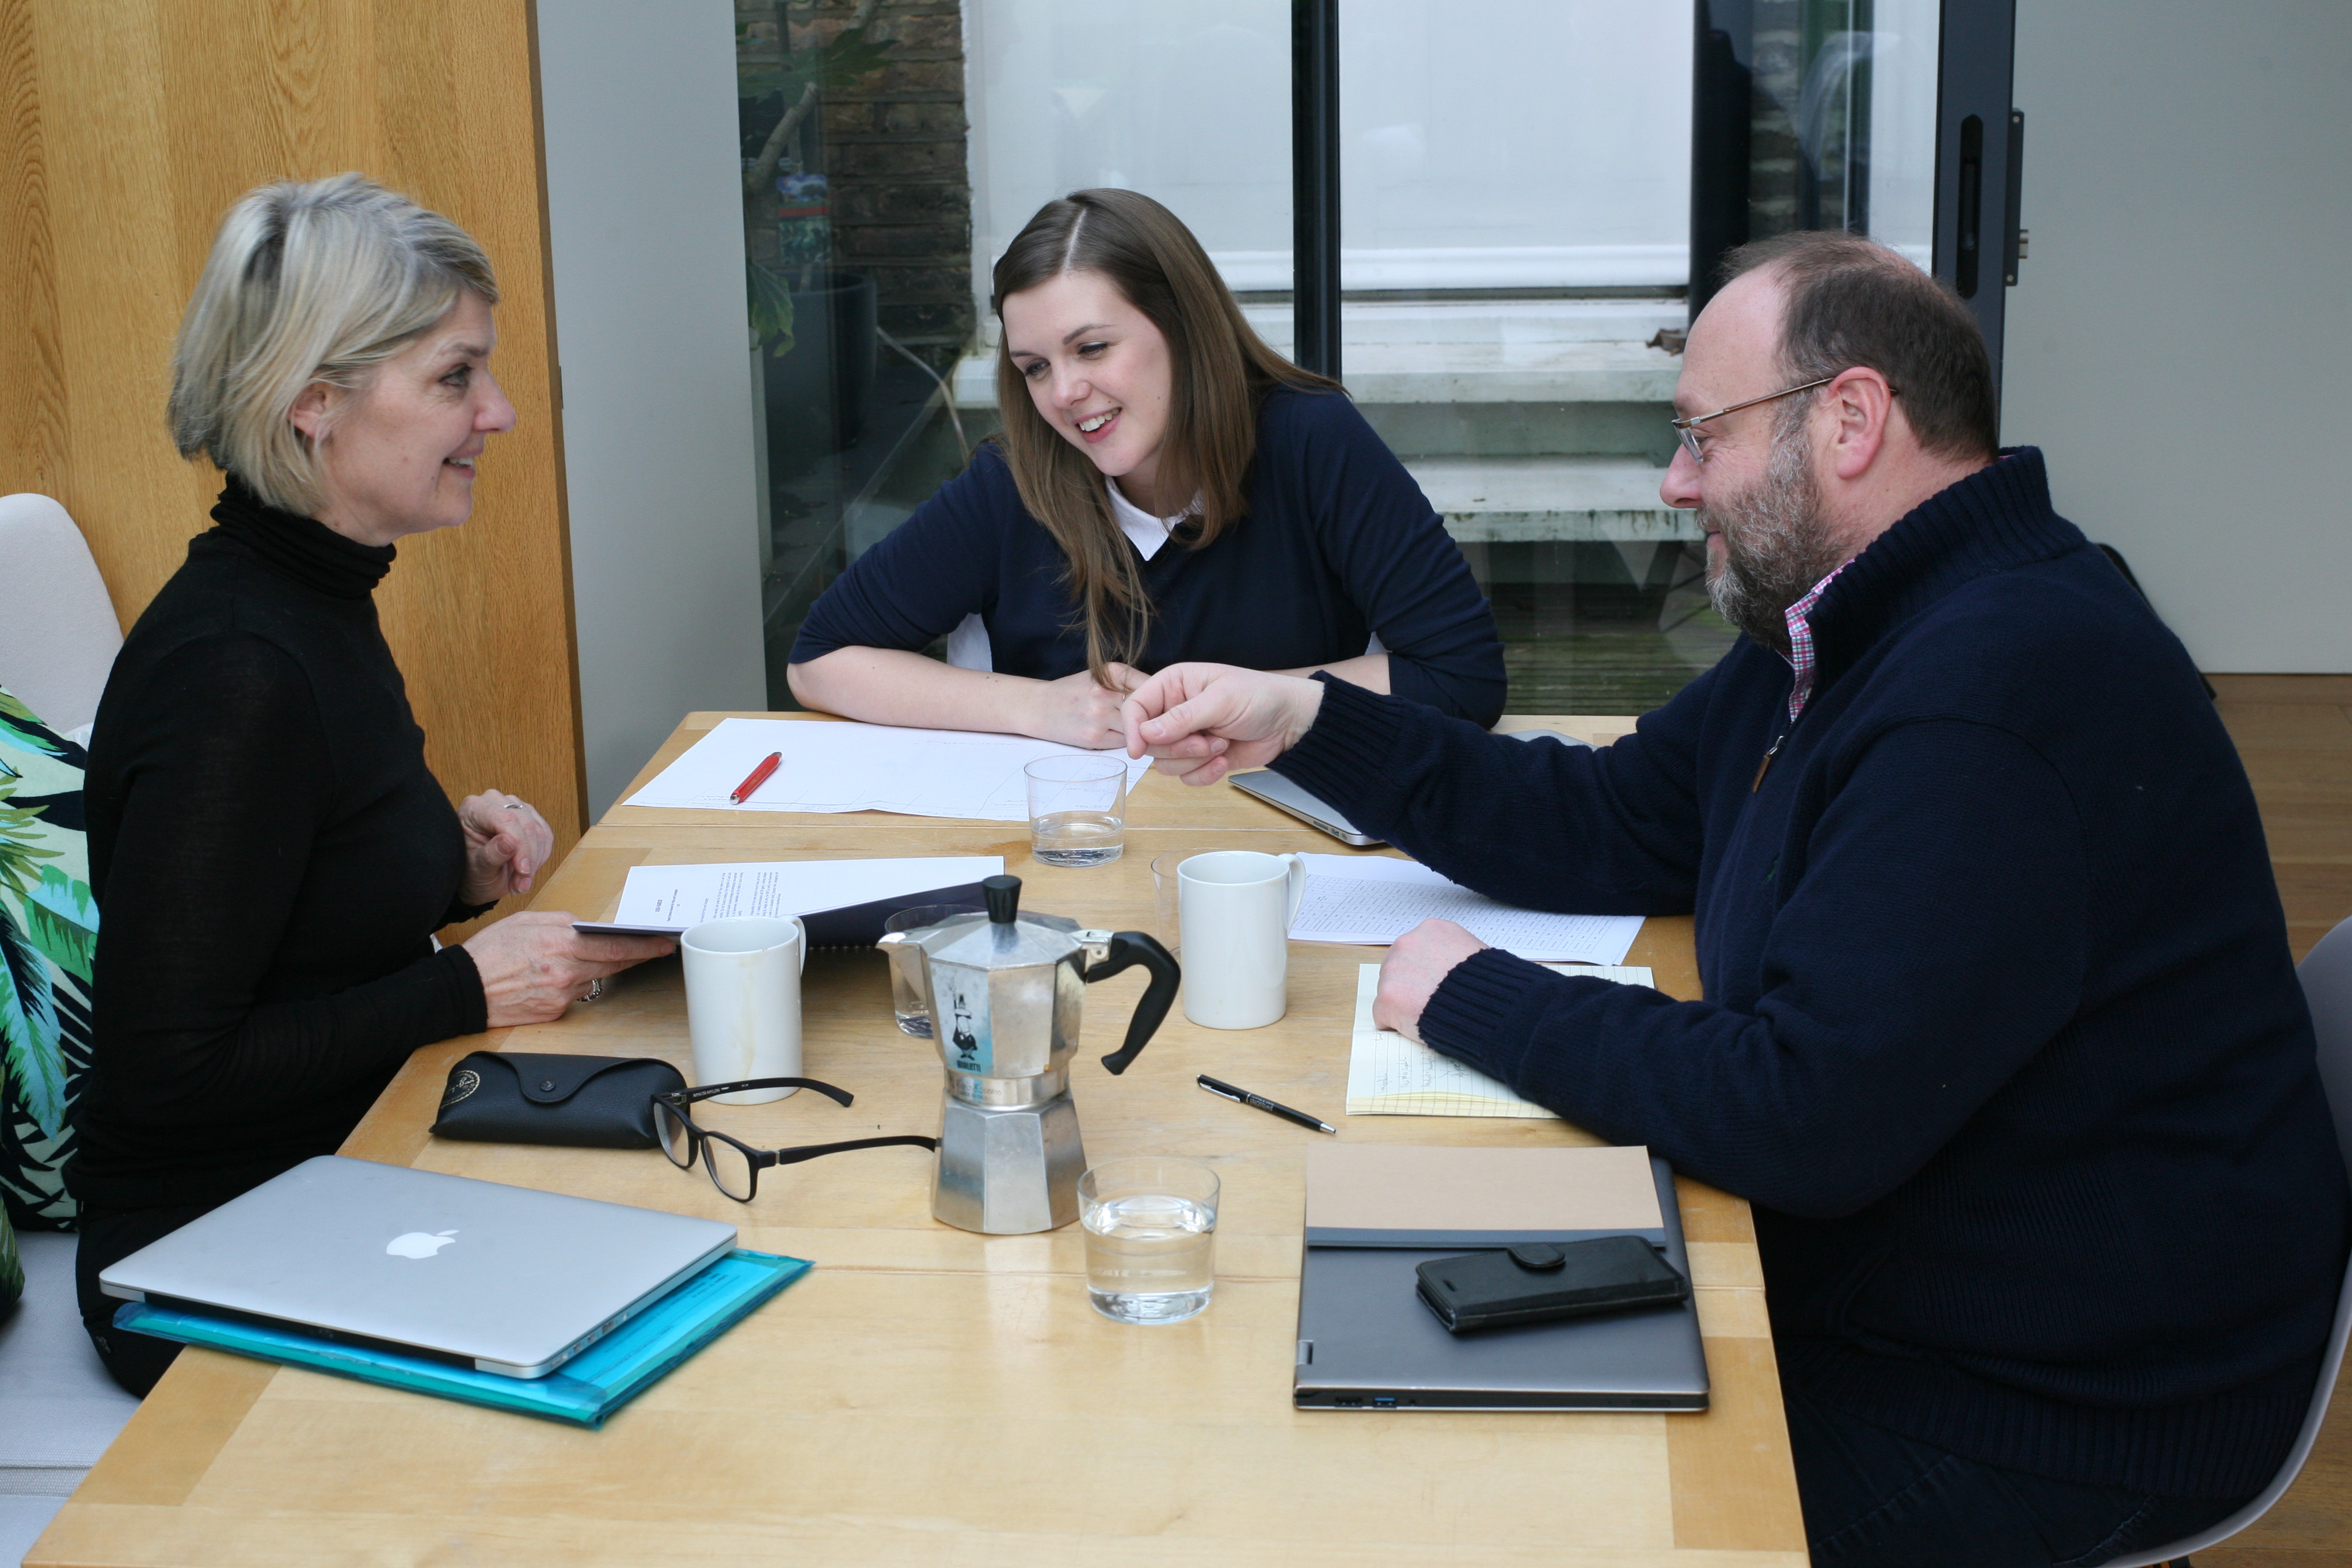 Clare Richmond Associates Team Meet